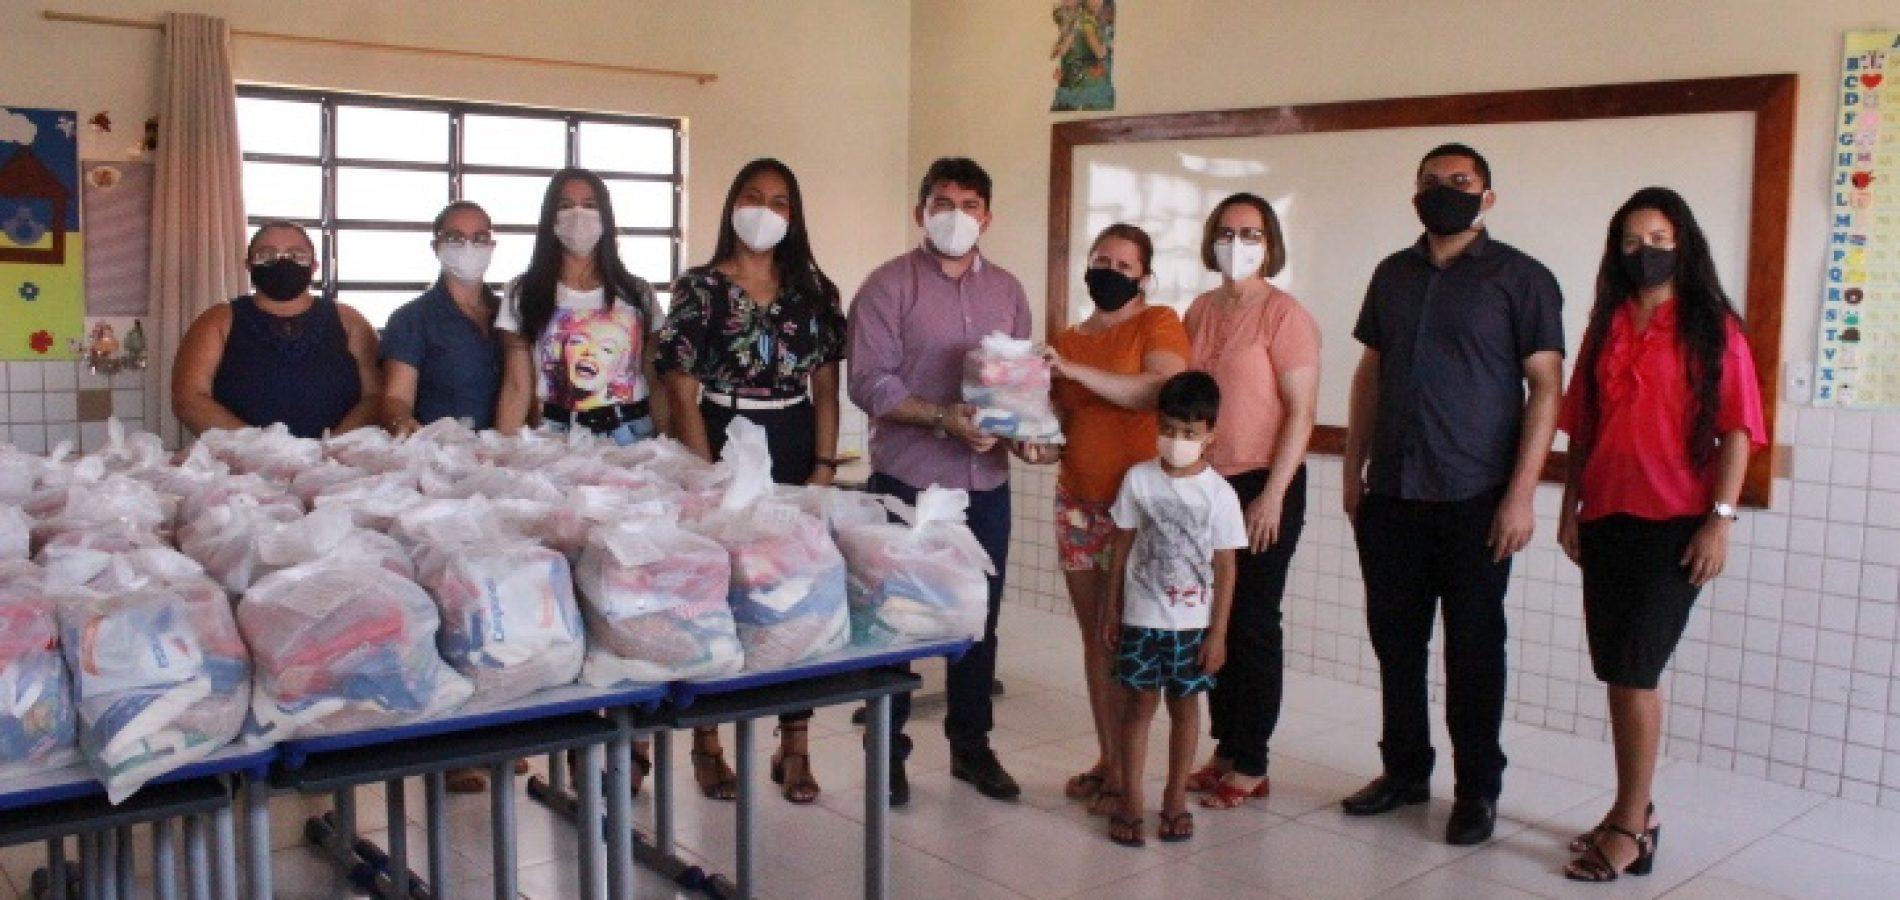 Ipiranga do Piauí inicia a distribuição de 1.500 kits de merenda escolar e vai beneficiar a todos os alunos